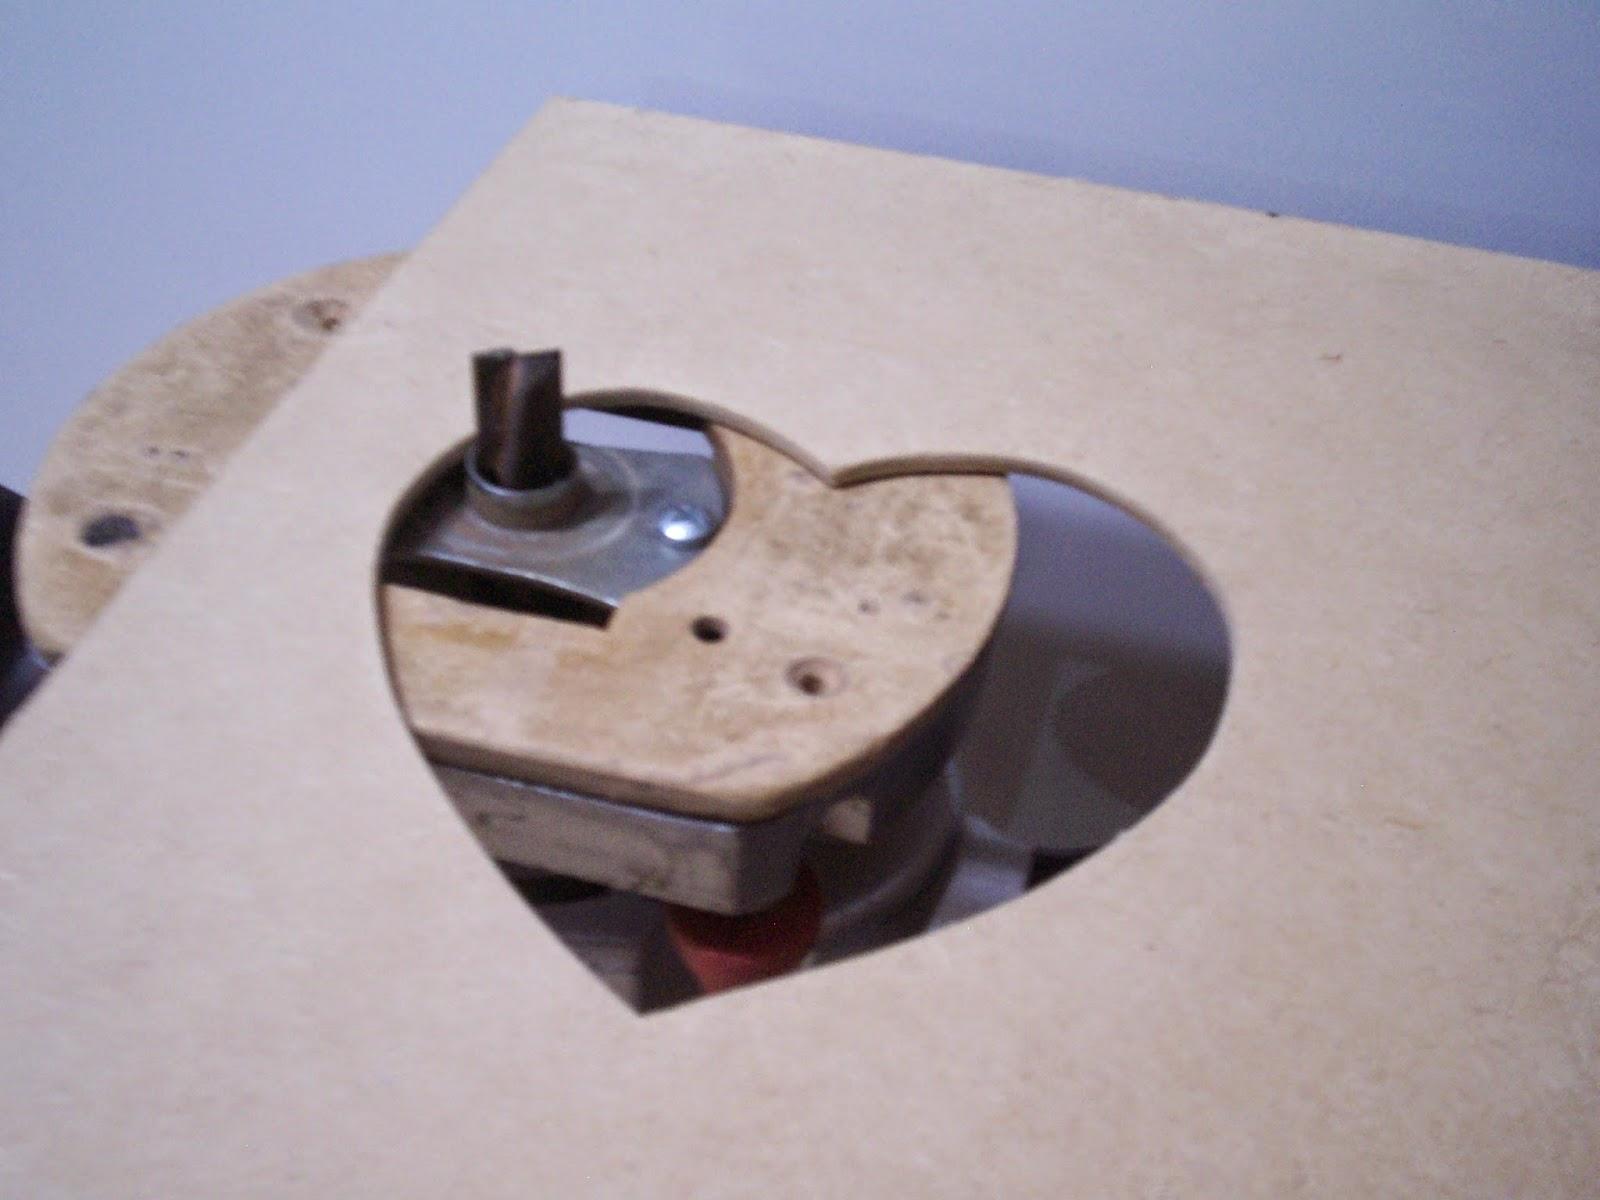 Carpintero en casa como copiar con router fresadora - Fresadora de madera ...